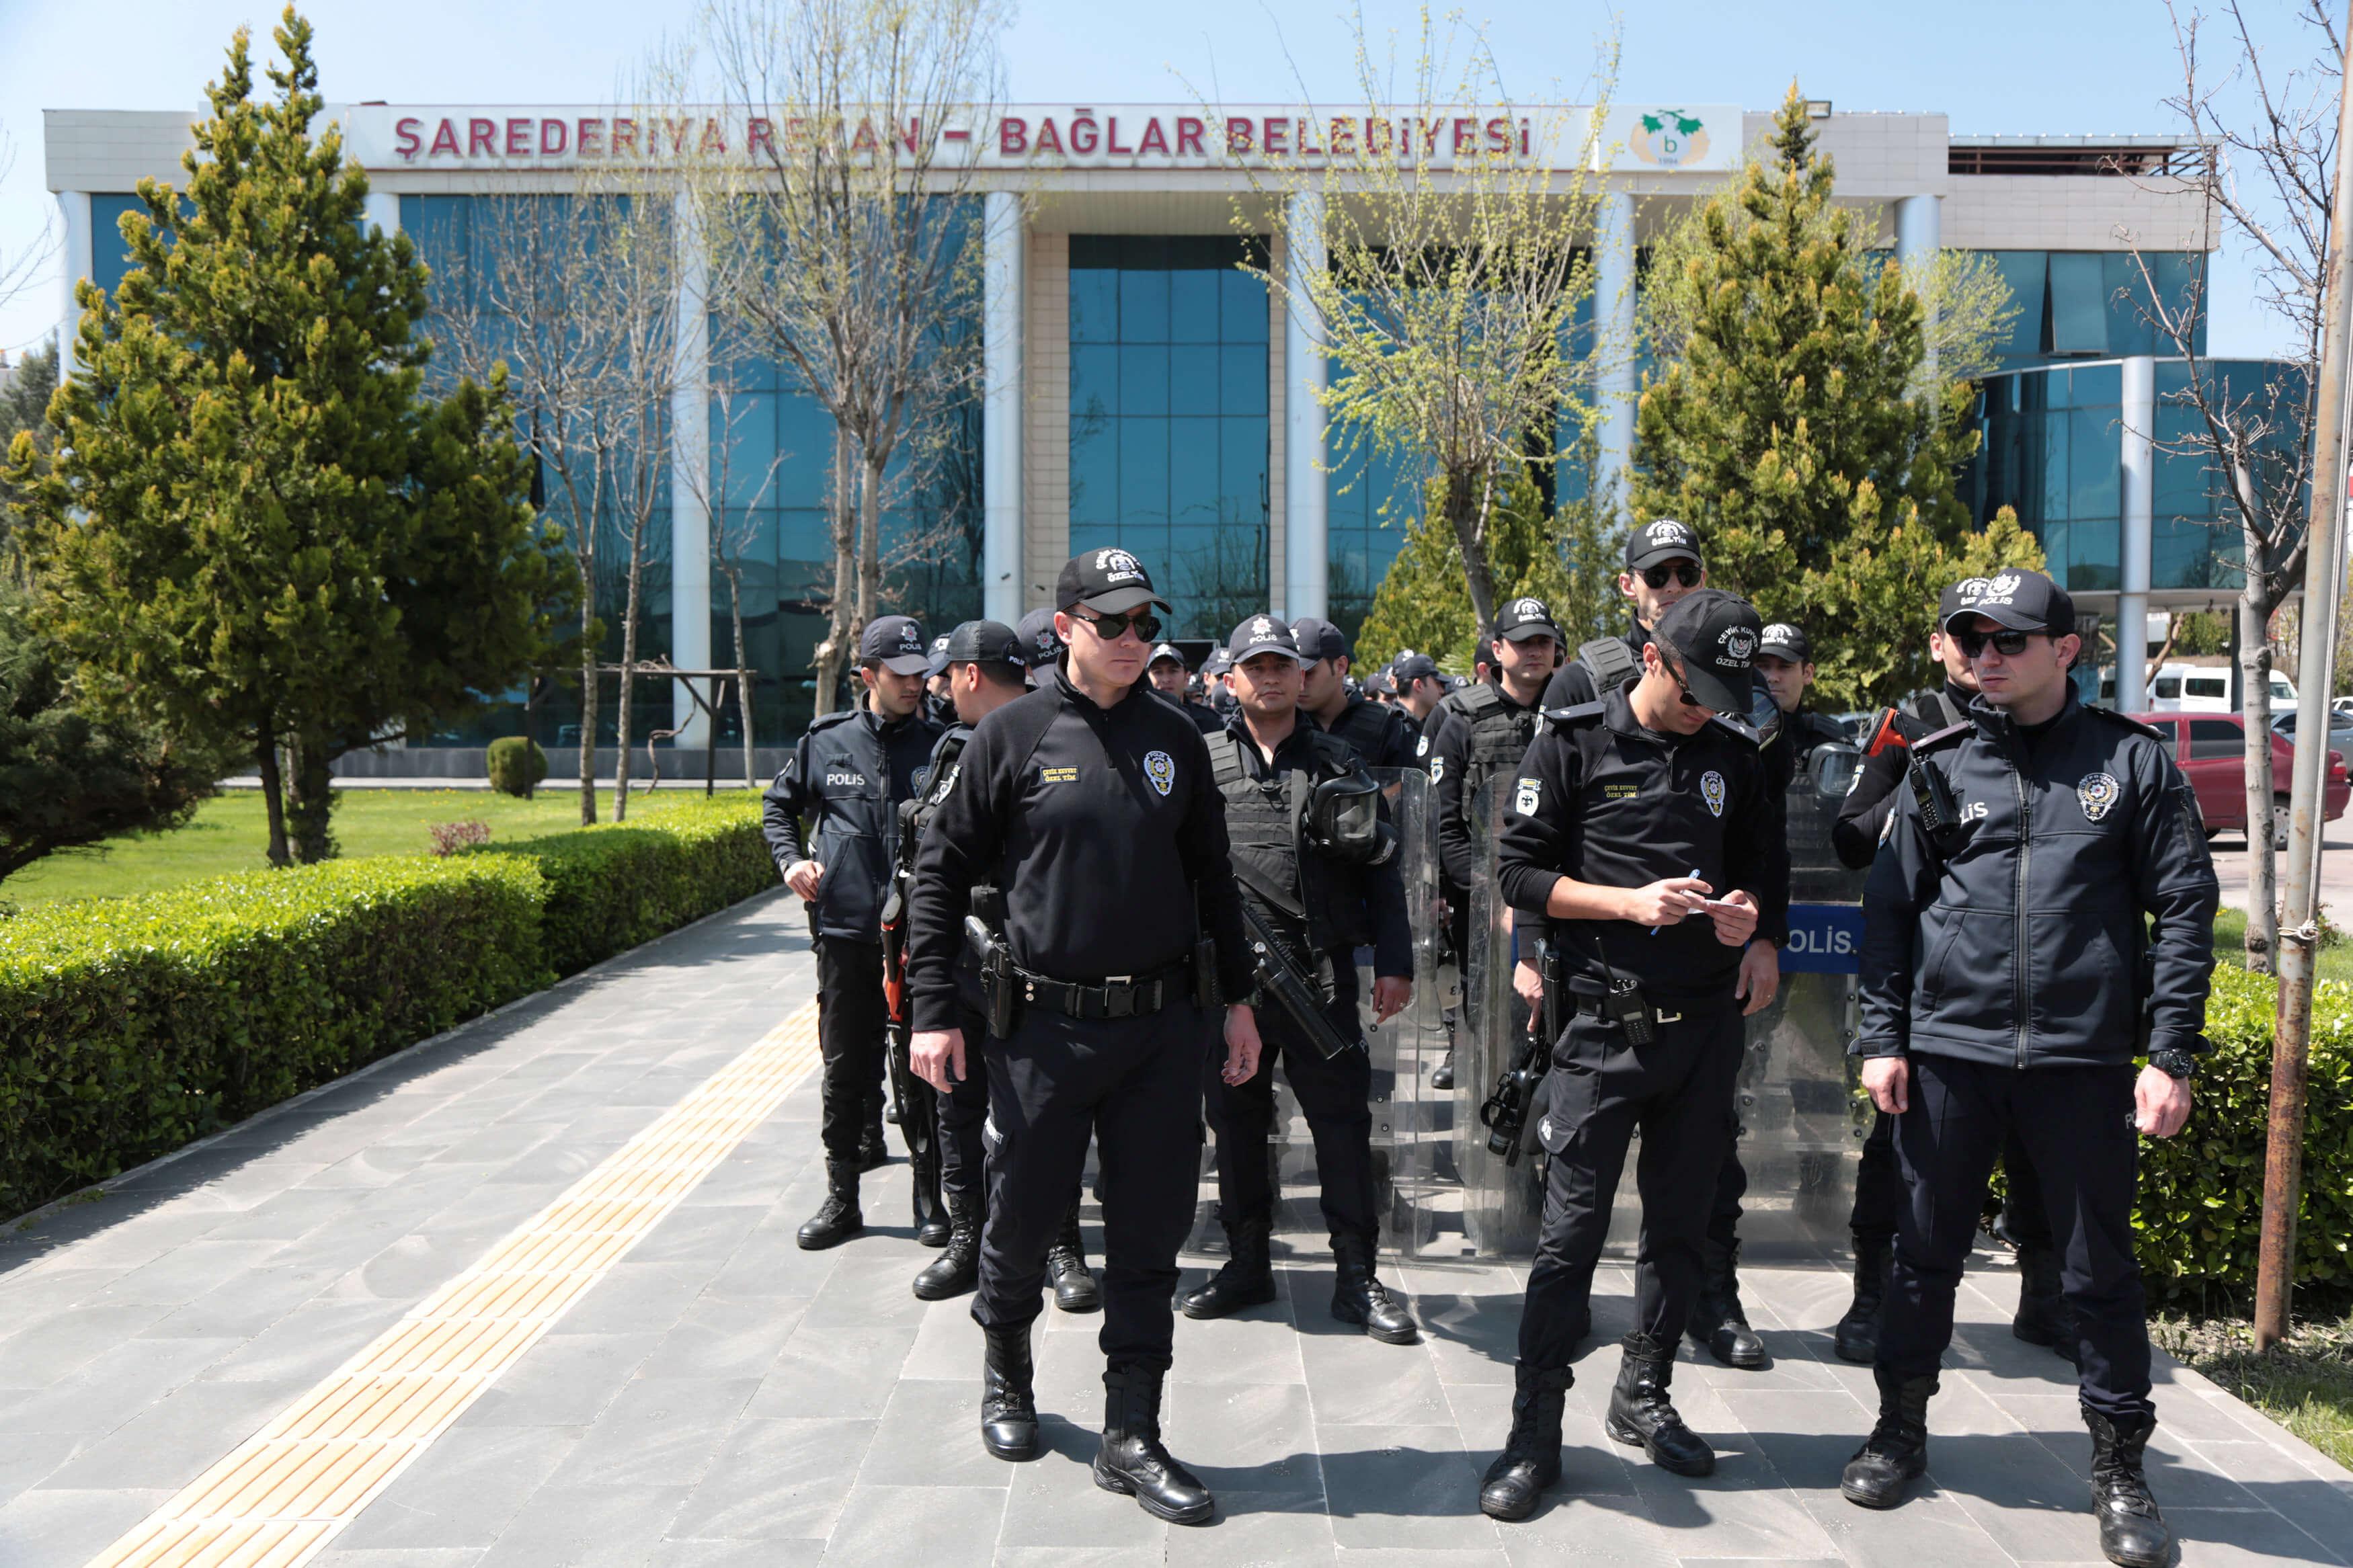 Συλλήψεις 210 στρατιωτικών στην Τουρκία για συνεργασία με τον Φετουλάχ Γκιουλέν